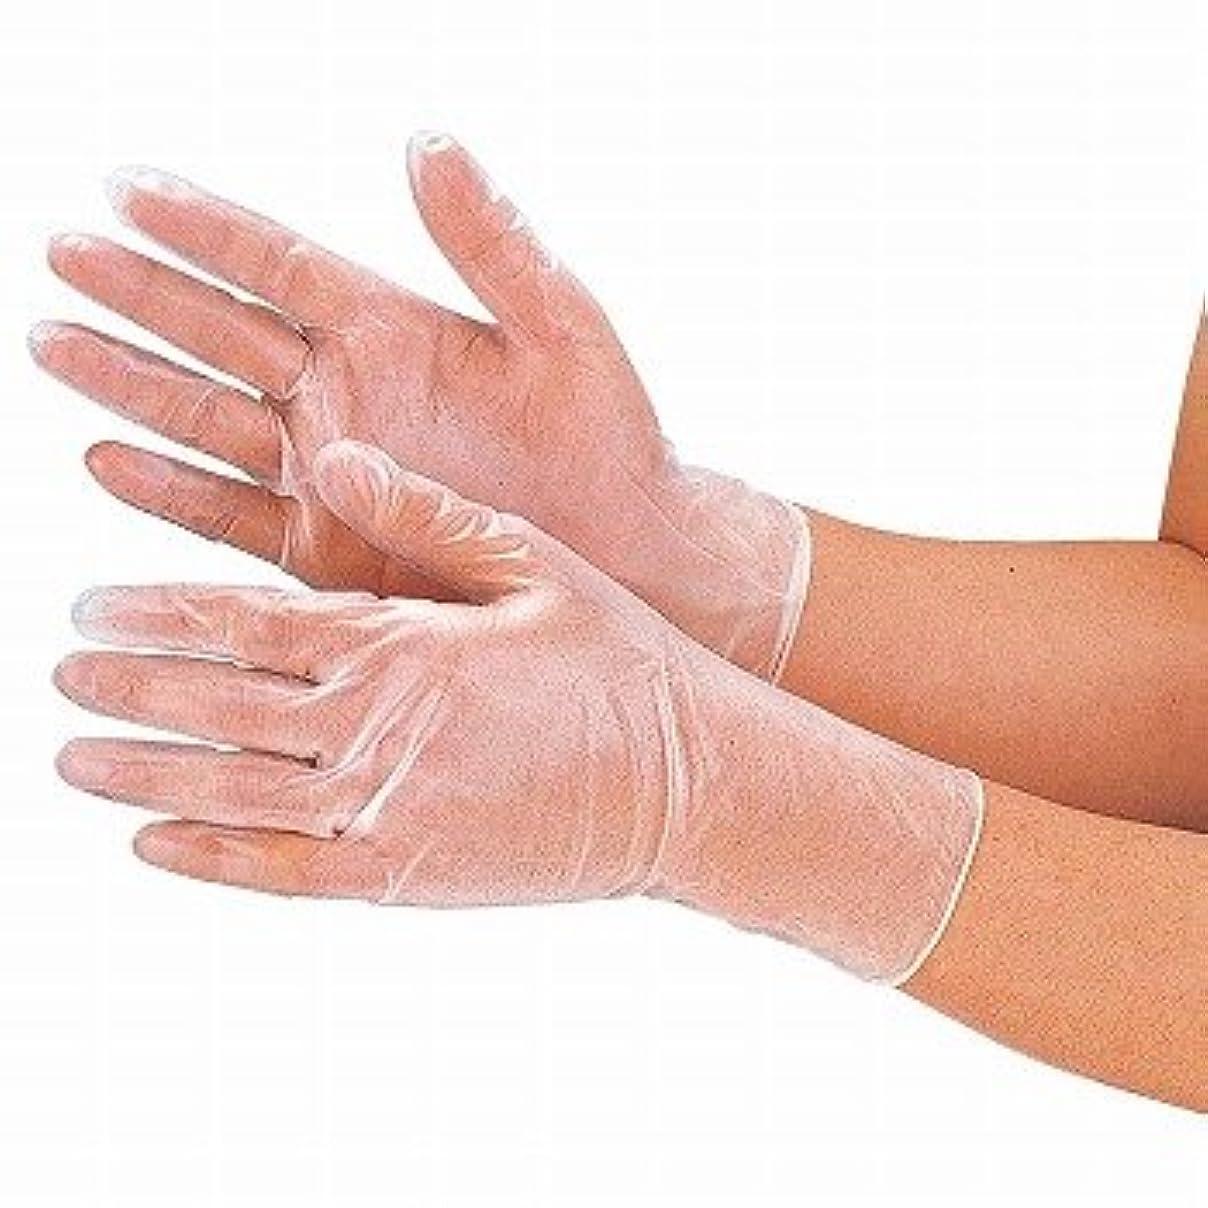 放映いつか九時四十五分おたふく手袋/抗菌プラスチックディスポ手袋 100枚入×12セット[総数1200枚]/品番:250 サイズ:M